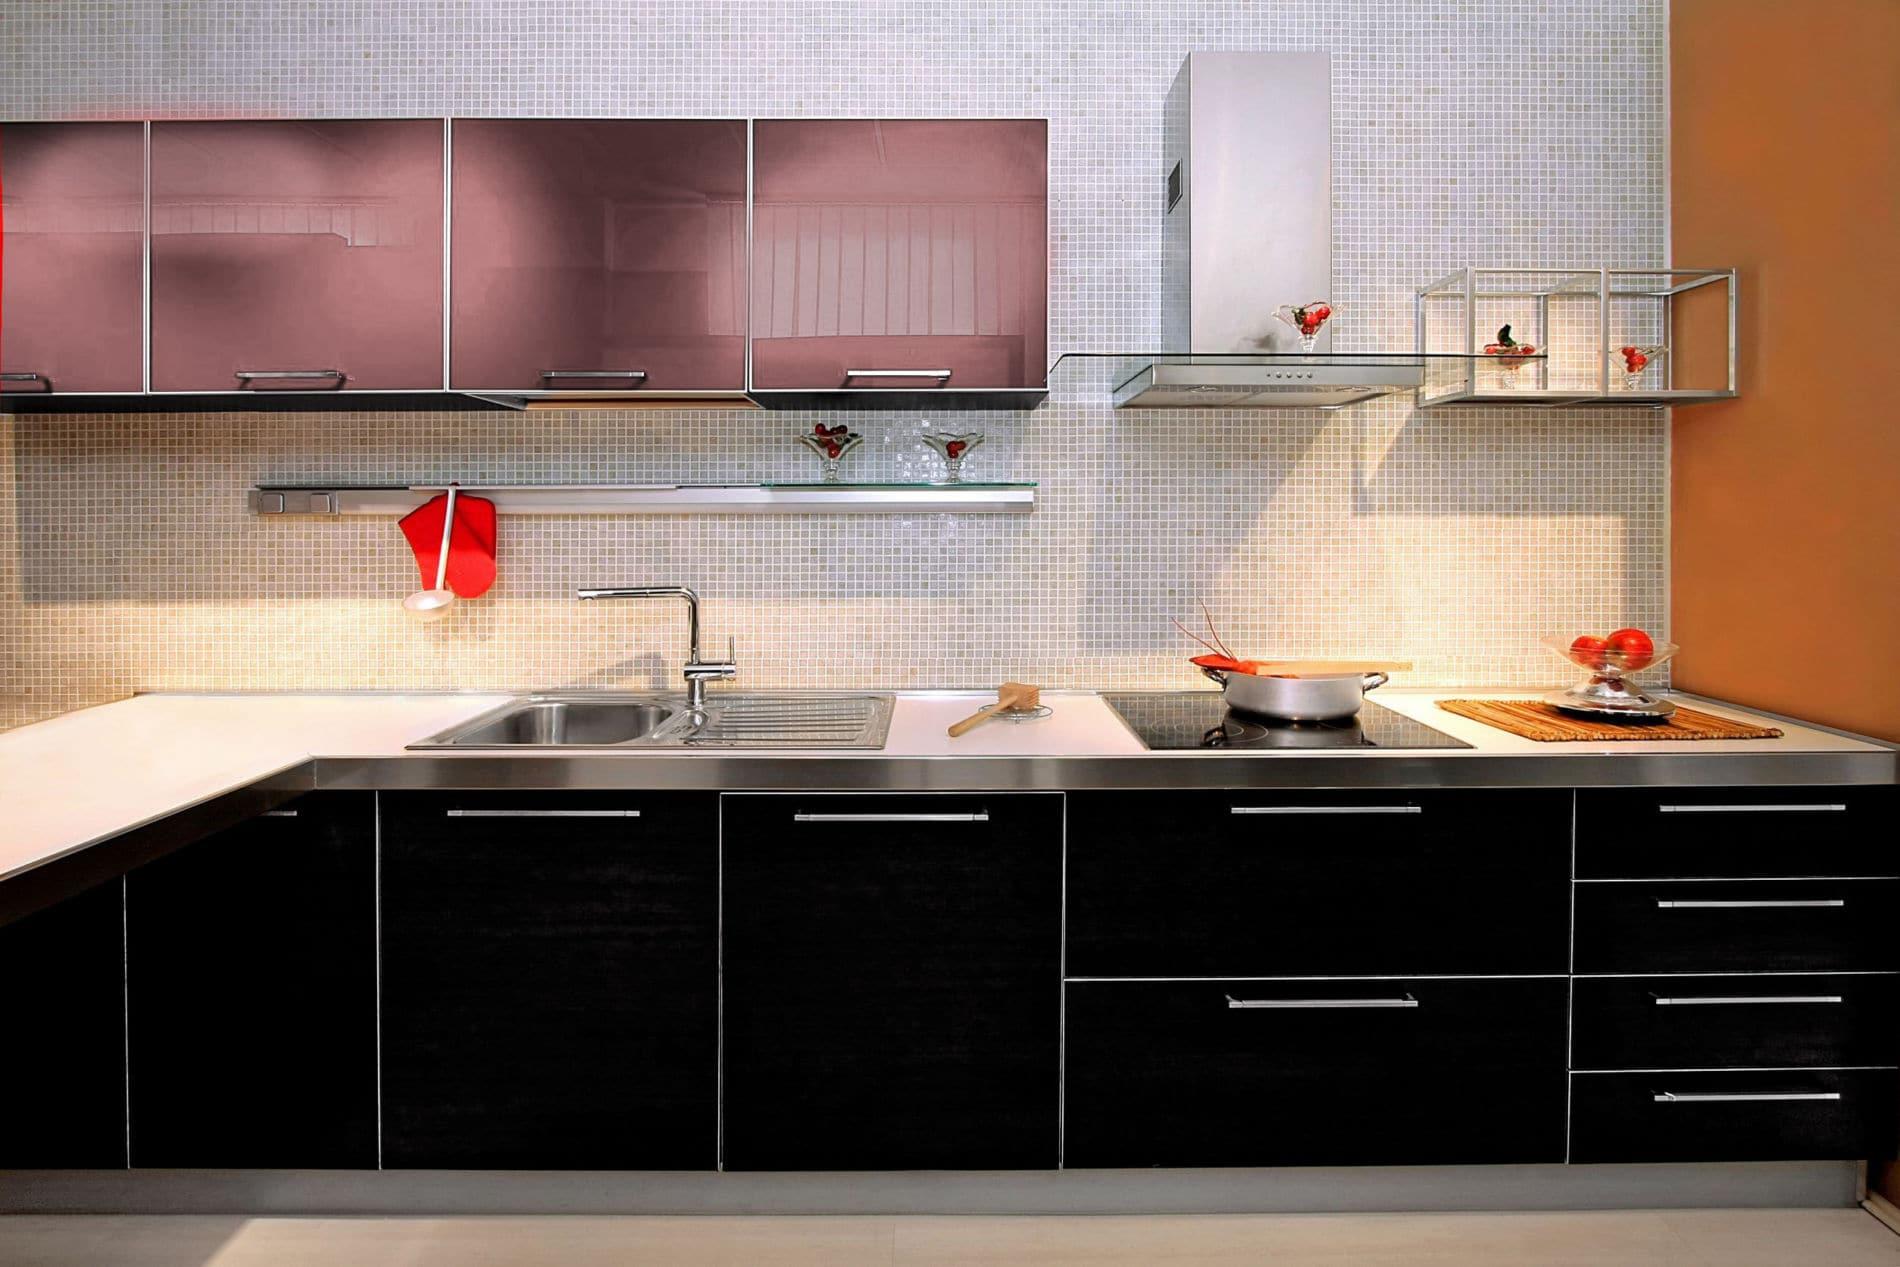 מטבח דגם זיו ססגוני שחור